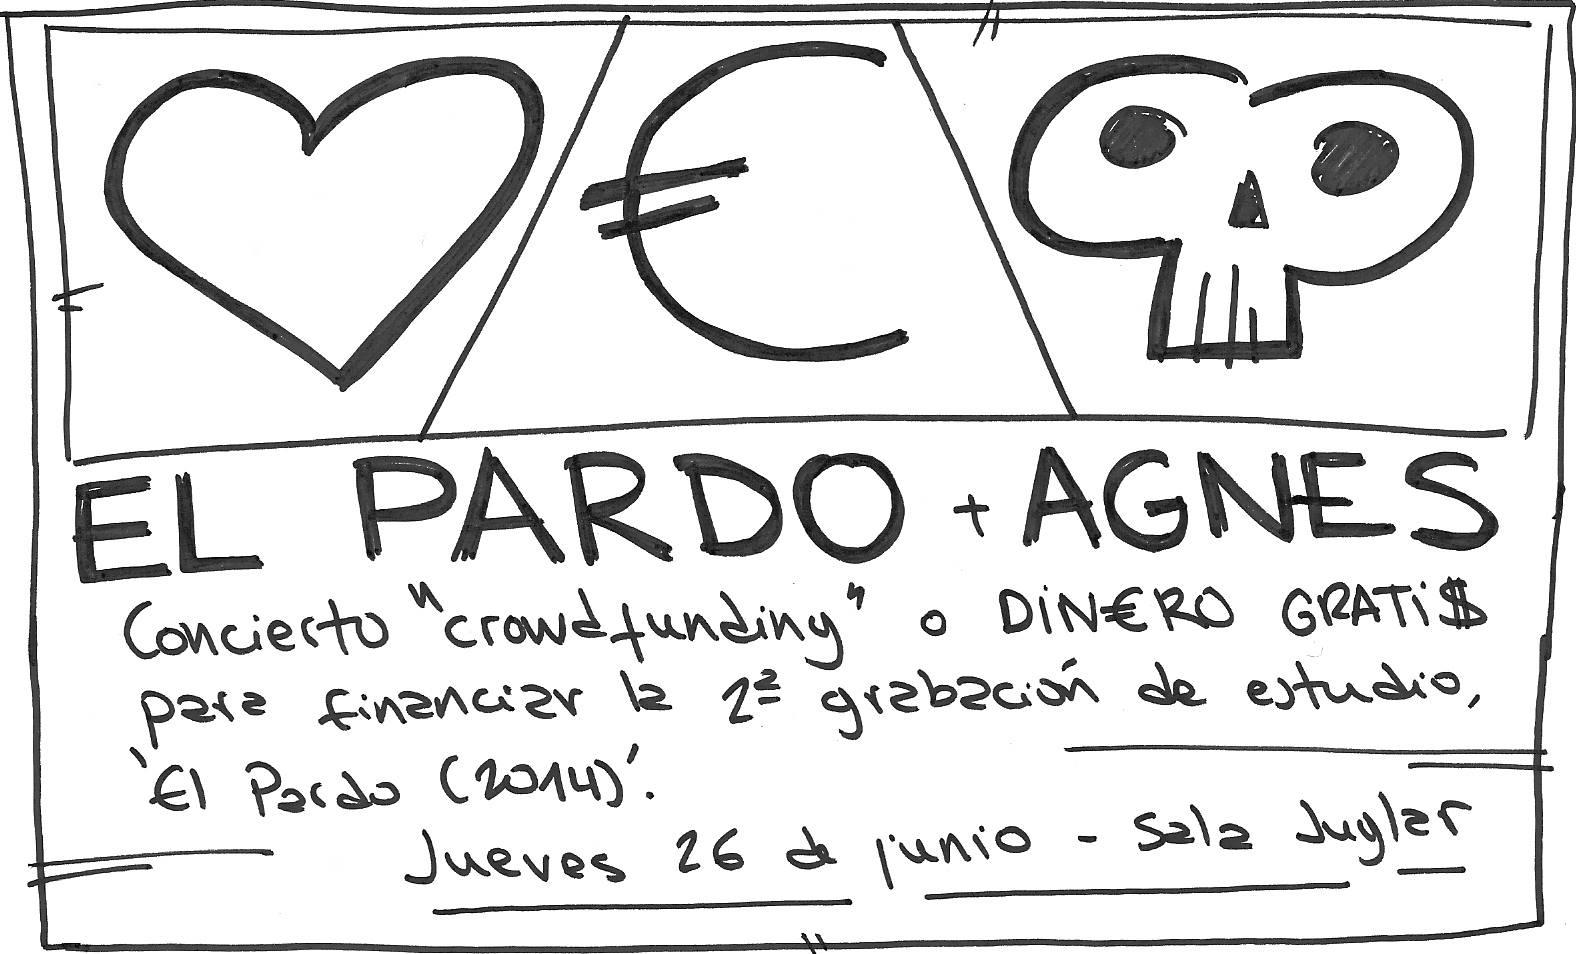 El Pardo busca la financiación para su nuevo disco con un concierto crowdfunding